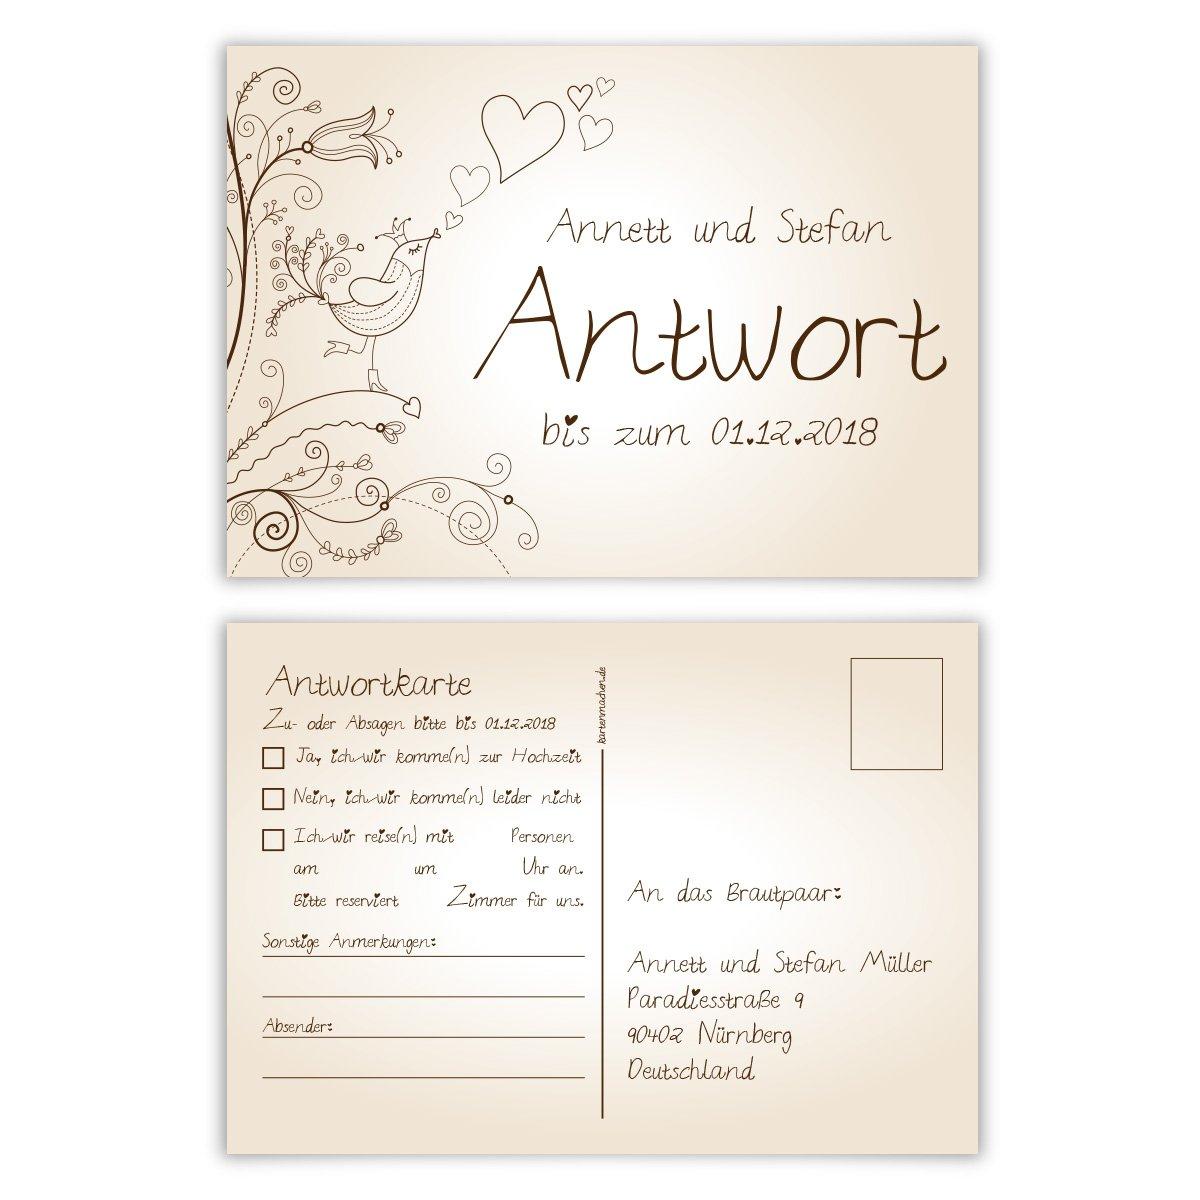 30 X Antwortkarte Hochzeit Hochzeitskarten Antwort Postkarte